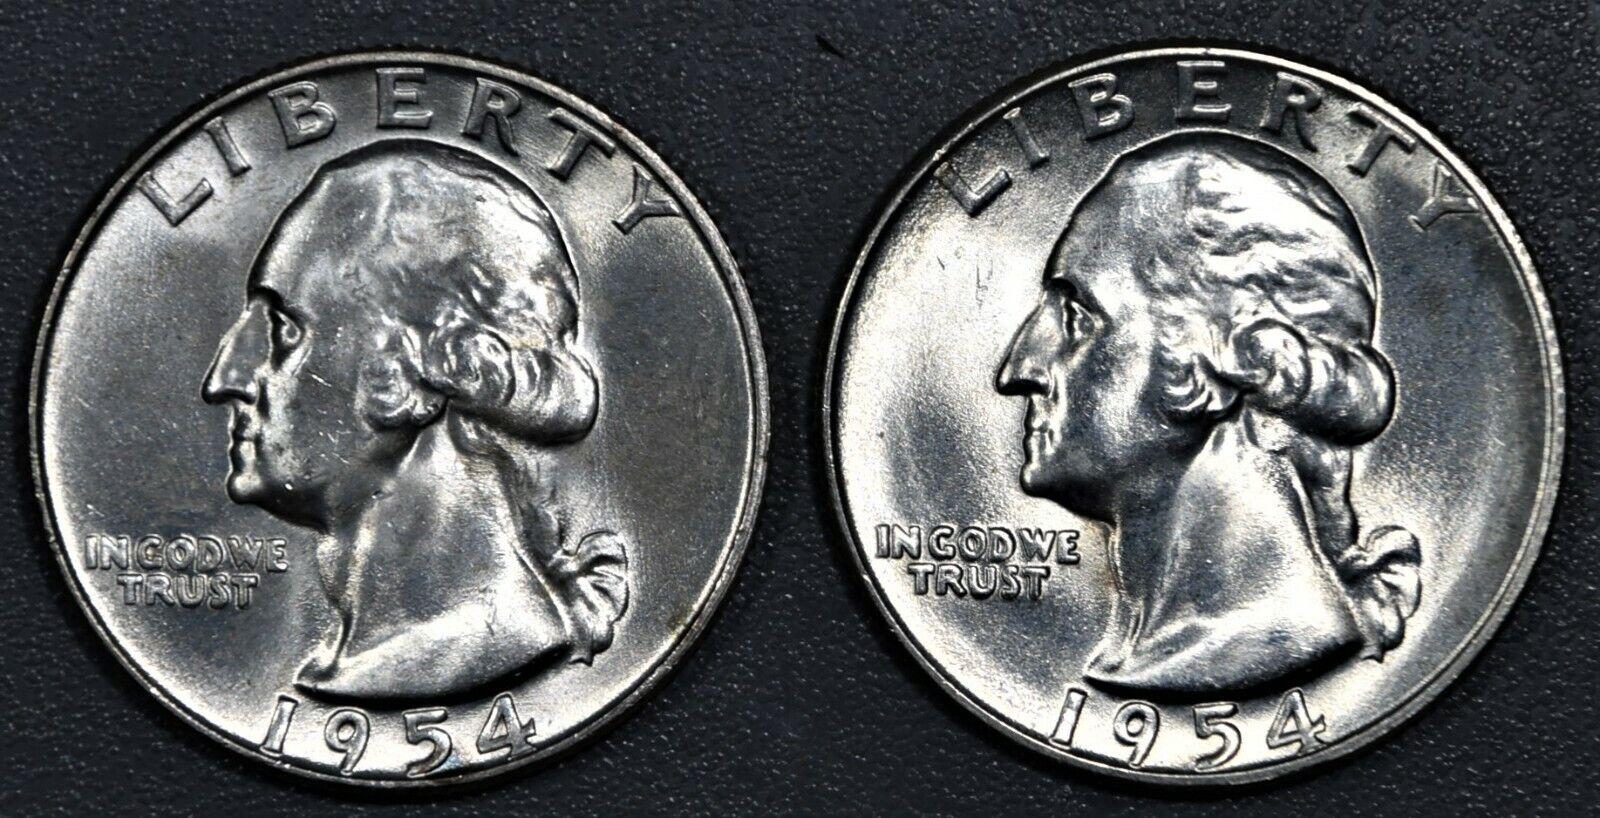 2 25c WASHINGTON SILVER QUARTERS, 1954-D CH BU , 1954-S CH BU , SKU-2872 - $10.30